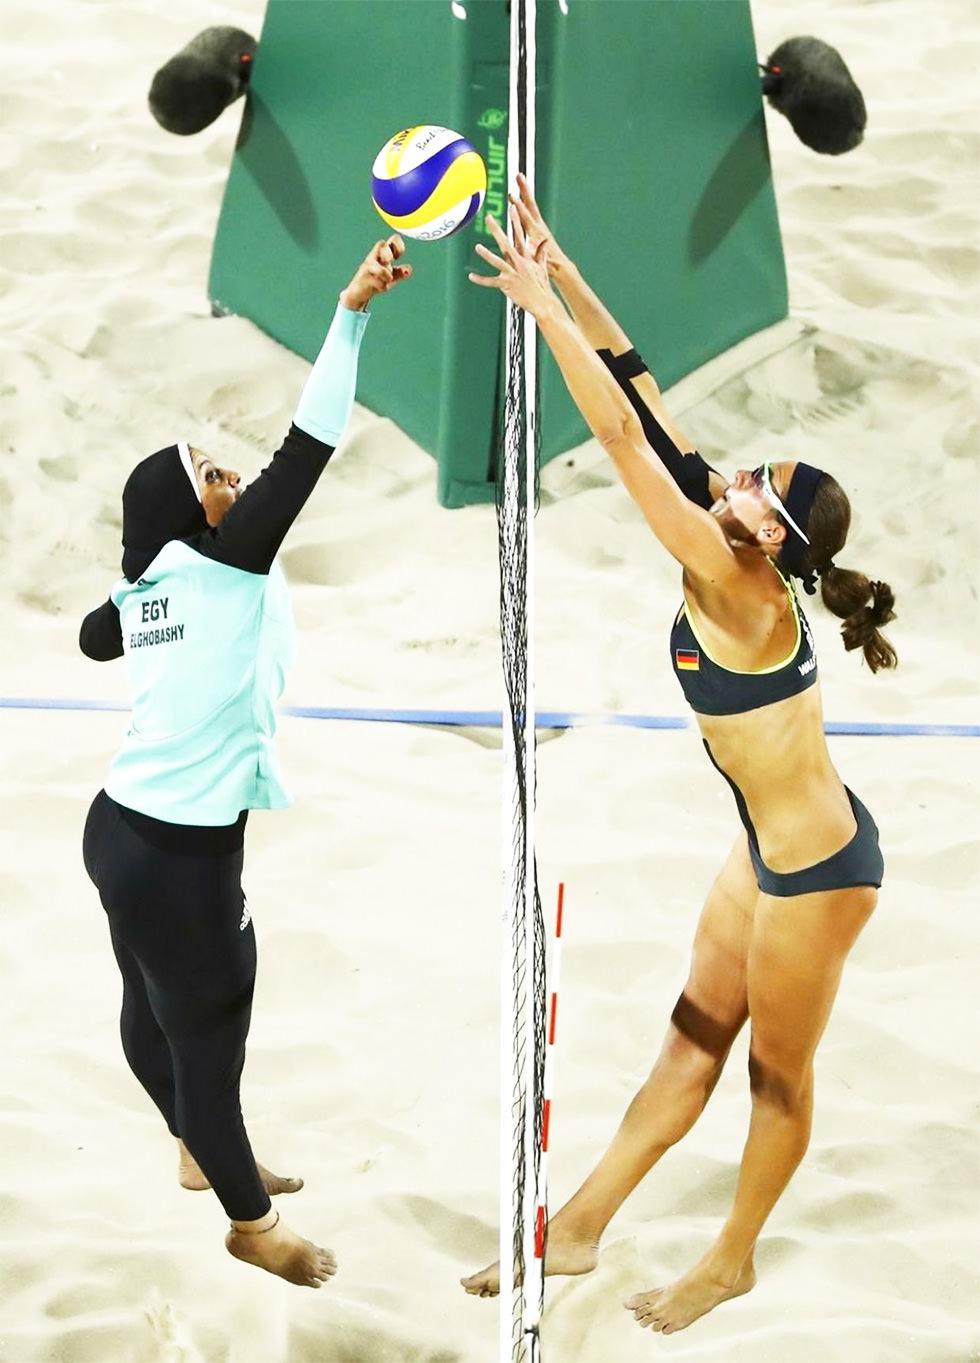 Juegos Olímpicos Río 2016: Moros y cristianos